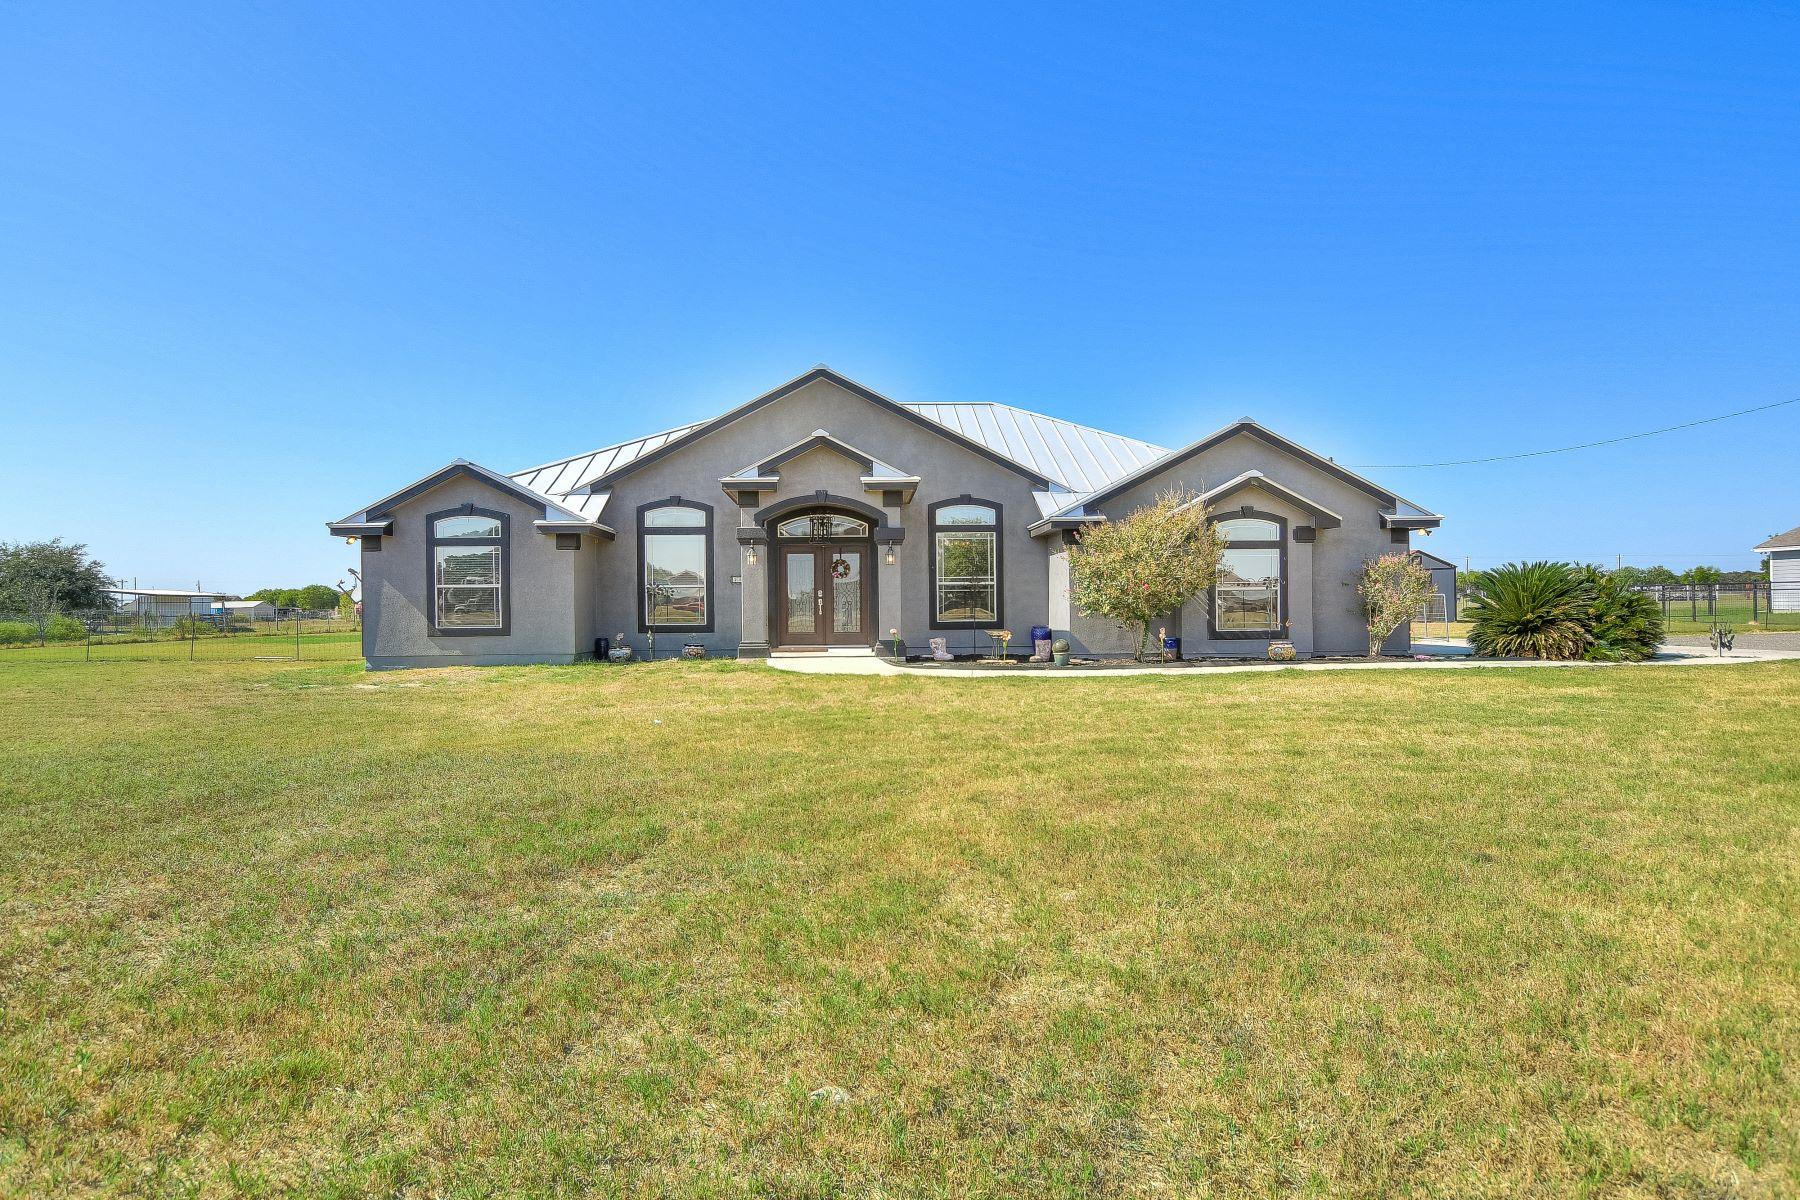 Single Family Homes für Verkauf beim Two Acre Home in Floresville 257 Shamrock Drive, Floresville, Texas 78114 Vereinigte Staaten